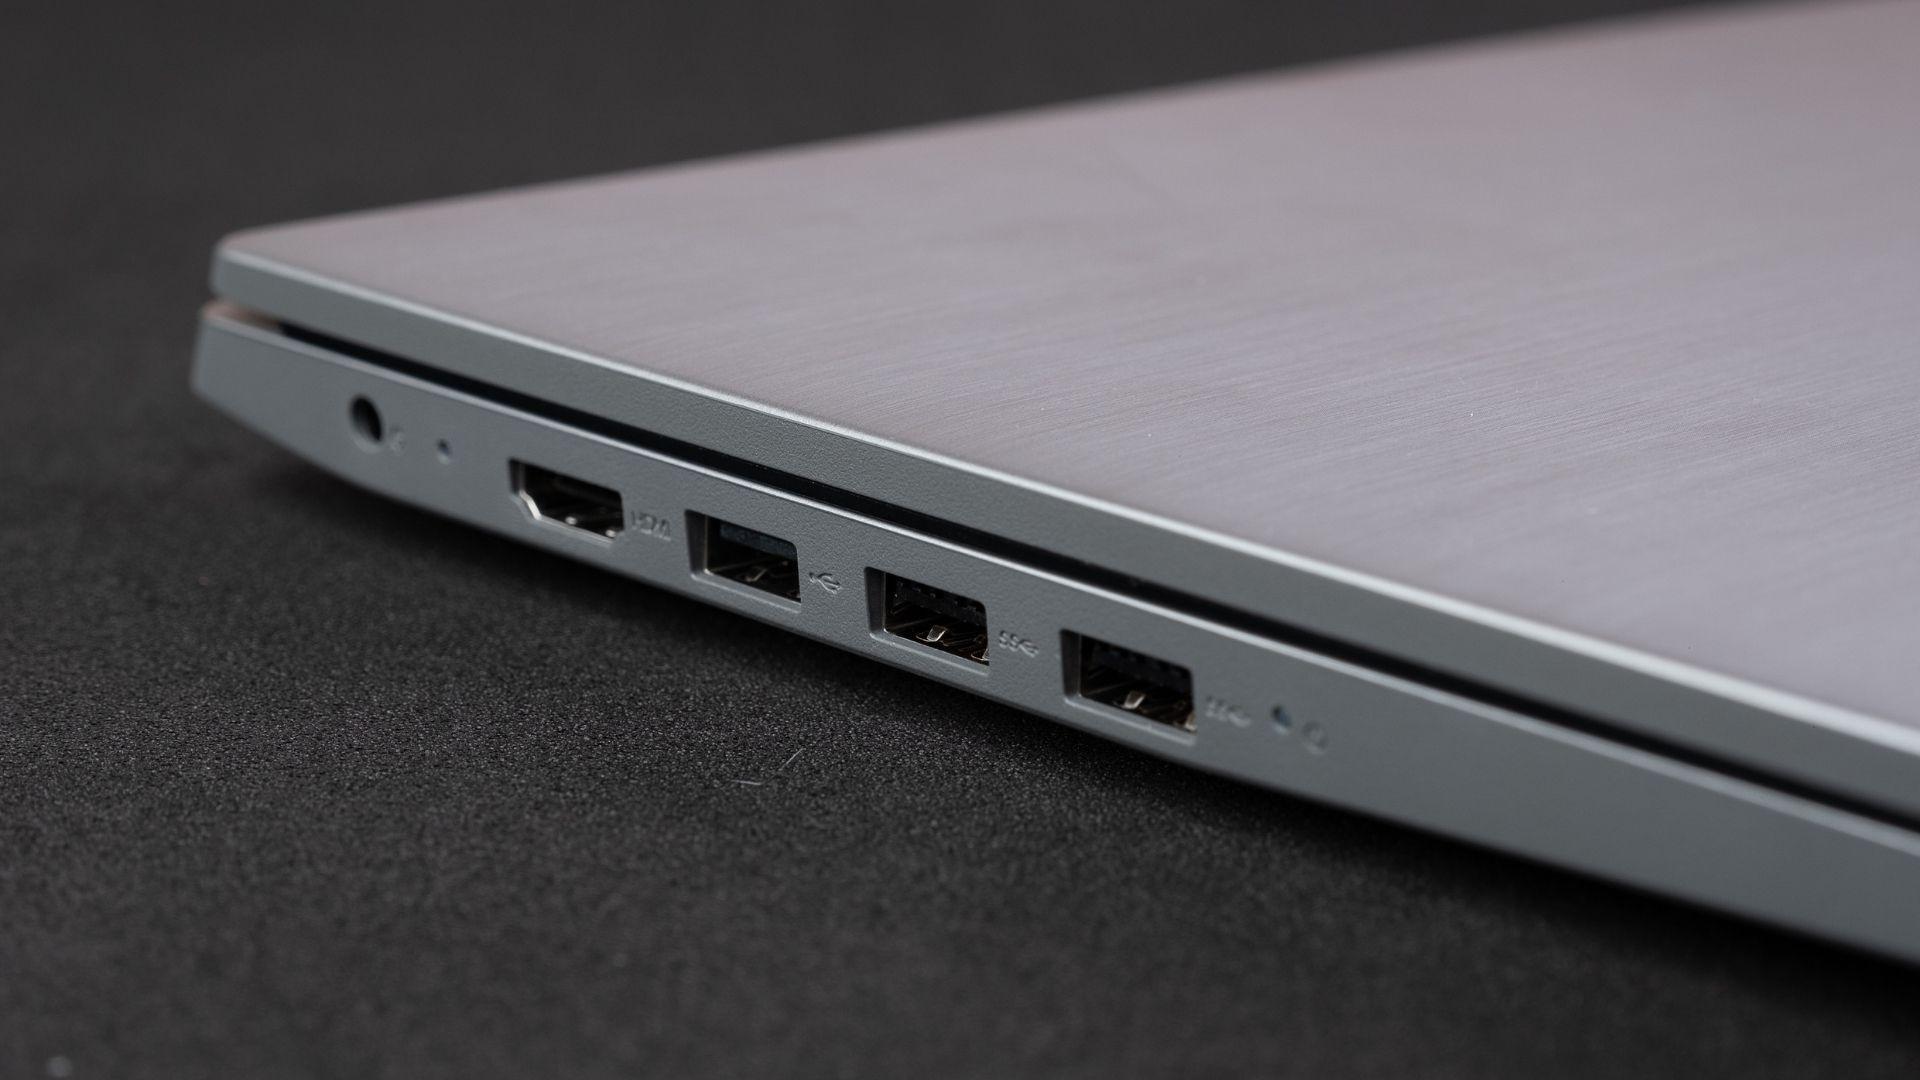 As três entradas USB do Lenovo IdeaPad S145 i5 8GB SSD ficam do mesmo lado (Foto: Zoom)